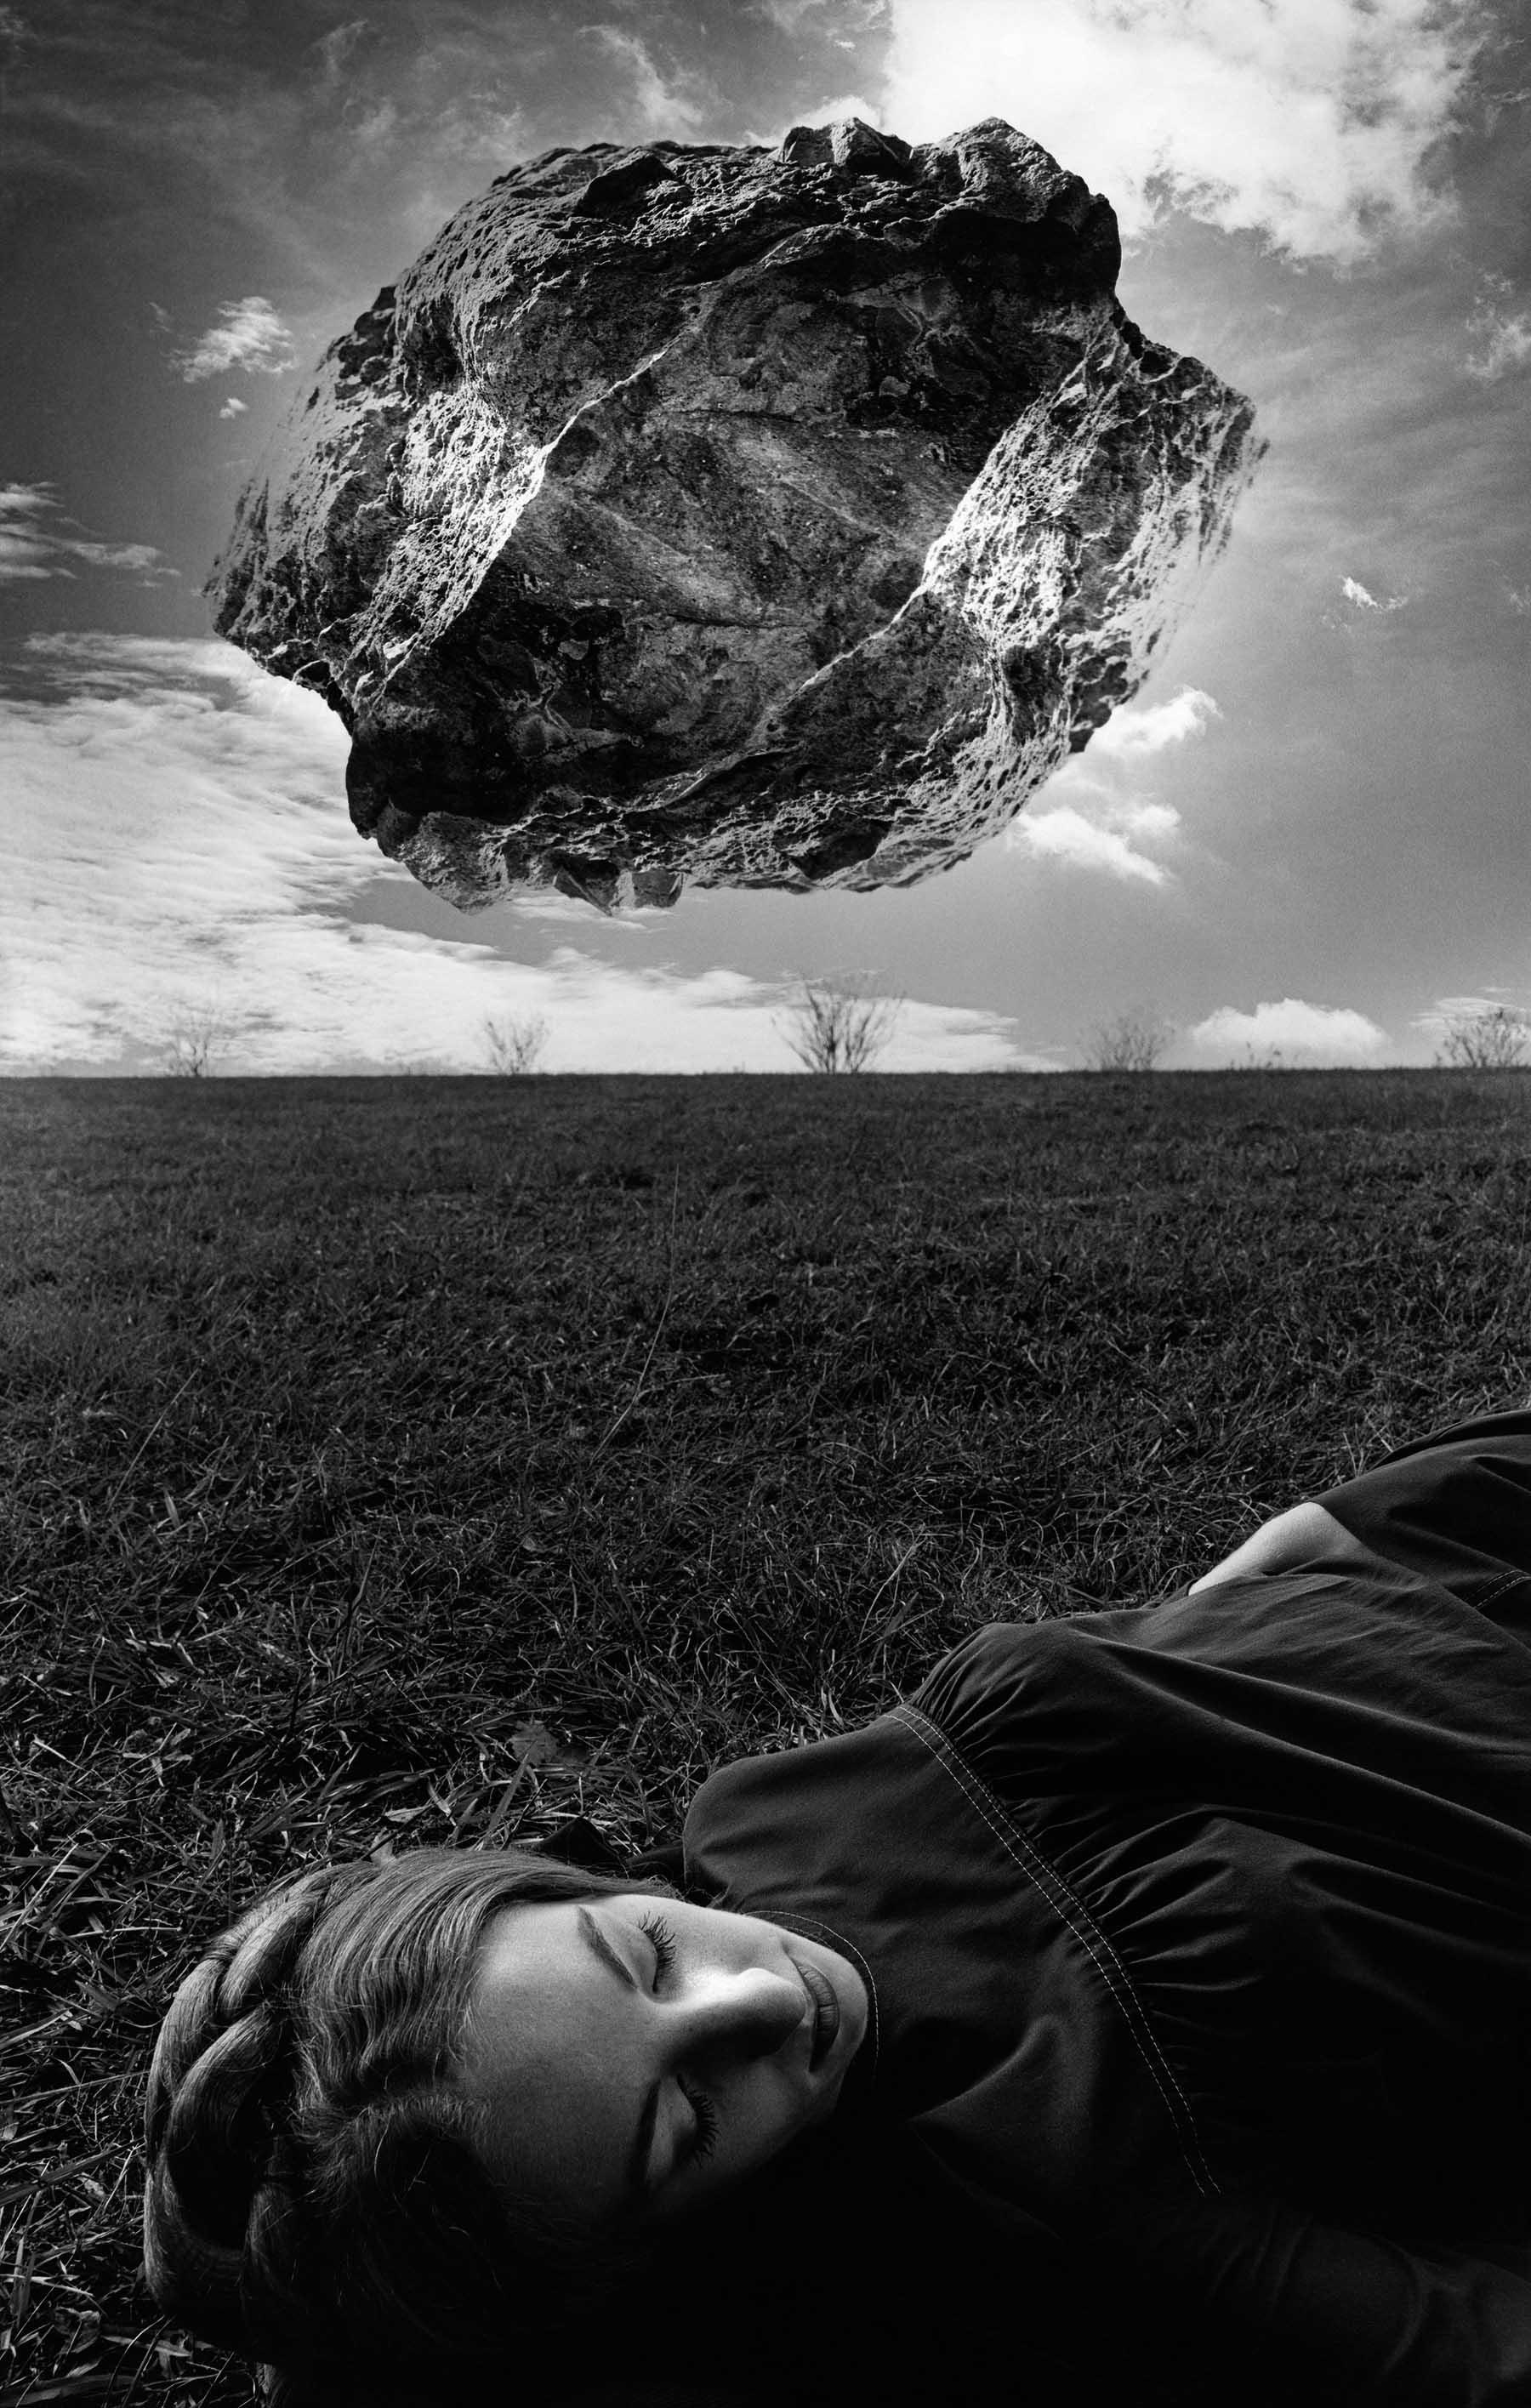 Magritte's Touchstone<br/>Gelatina de plata / Silver gelatin print